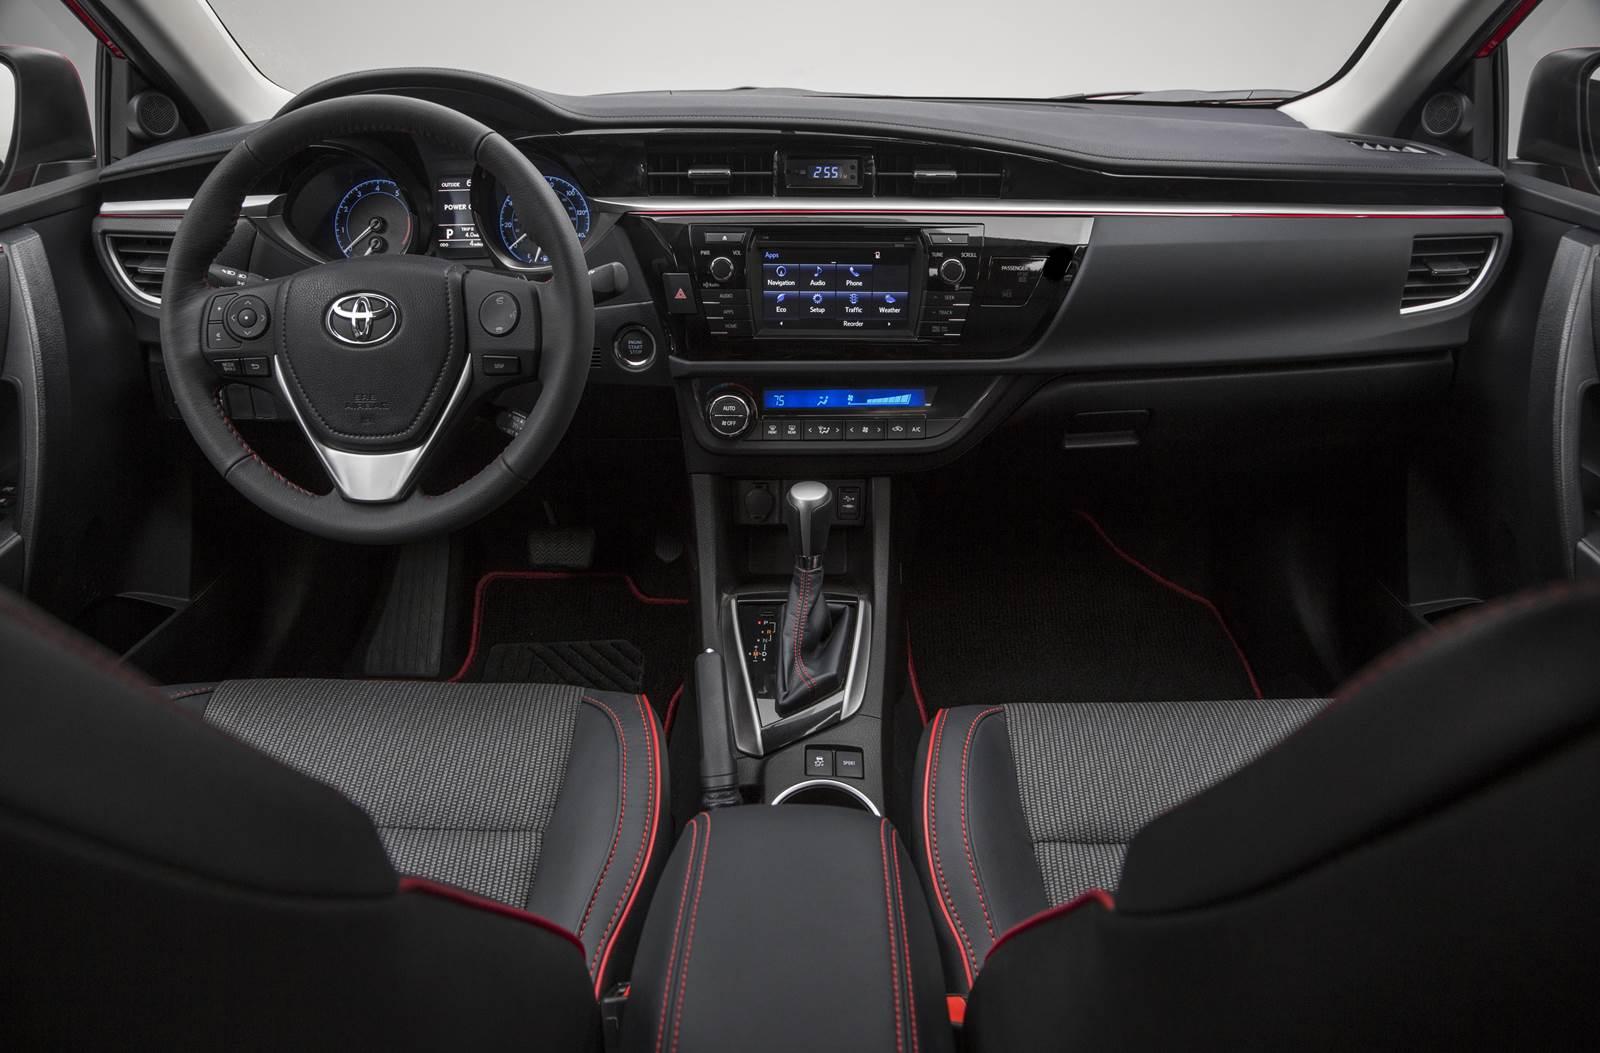 Toyota corolla 2016 special edition lan ado nos eua - 2013 toyota camry interior parts ...